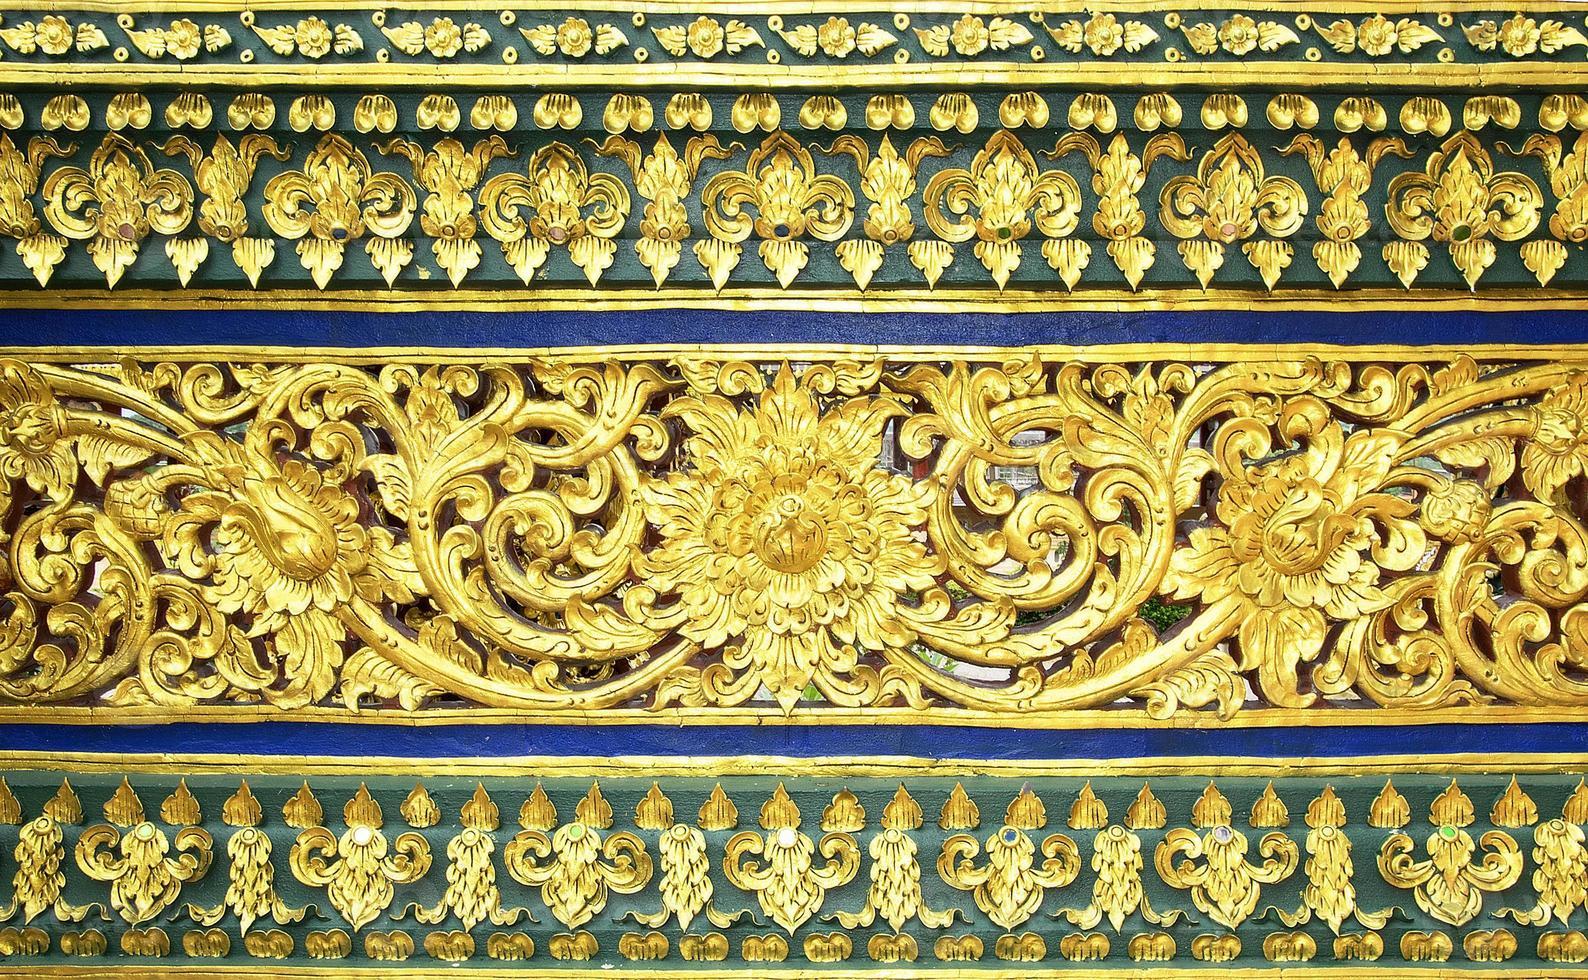 modello tailandese tradizionale dello stucco decorativo in tempio, Tailandia foto